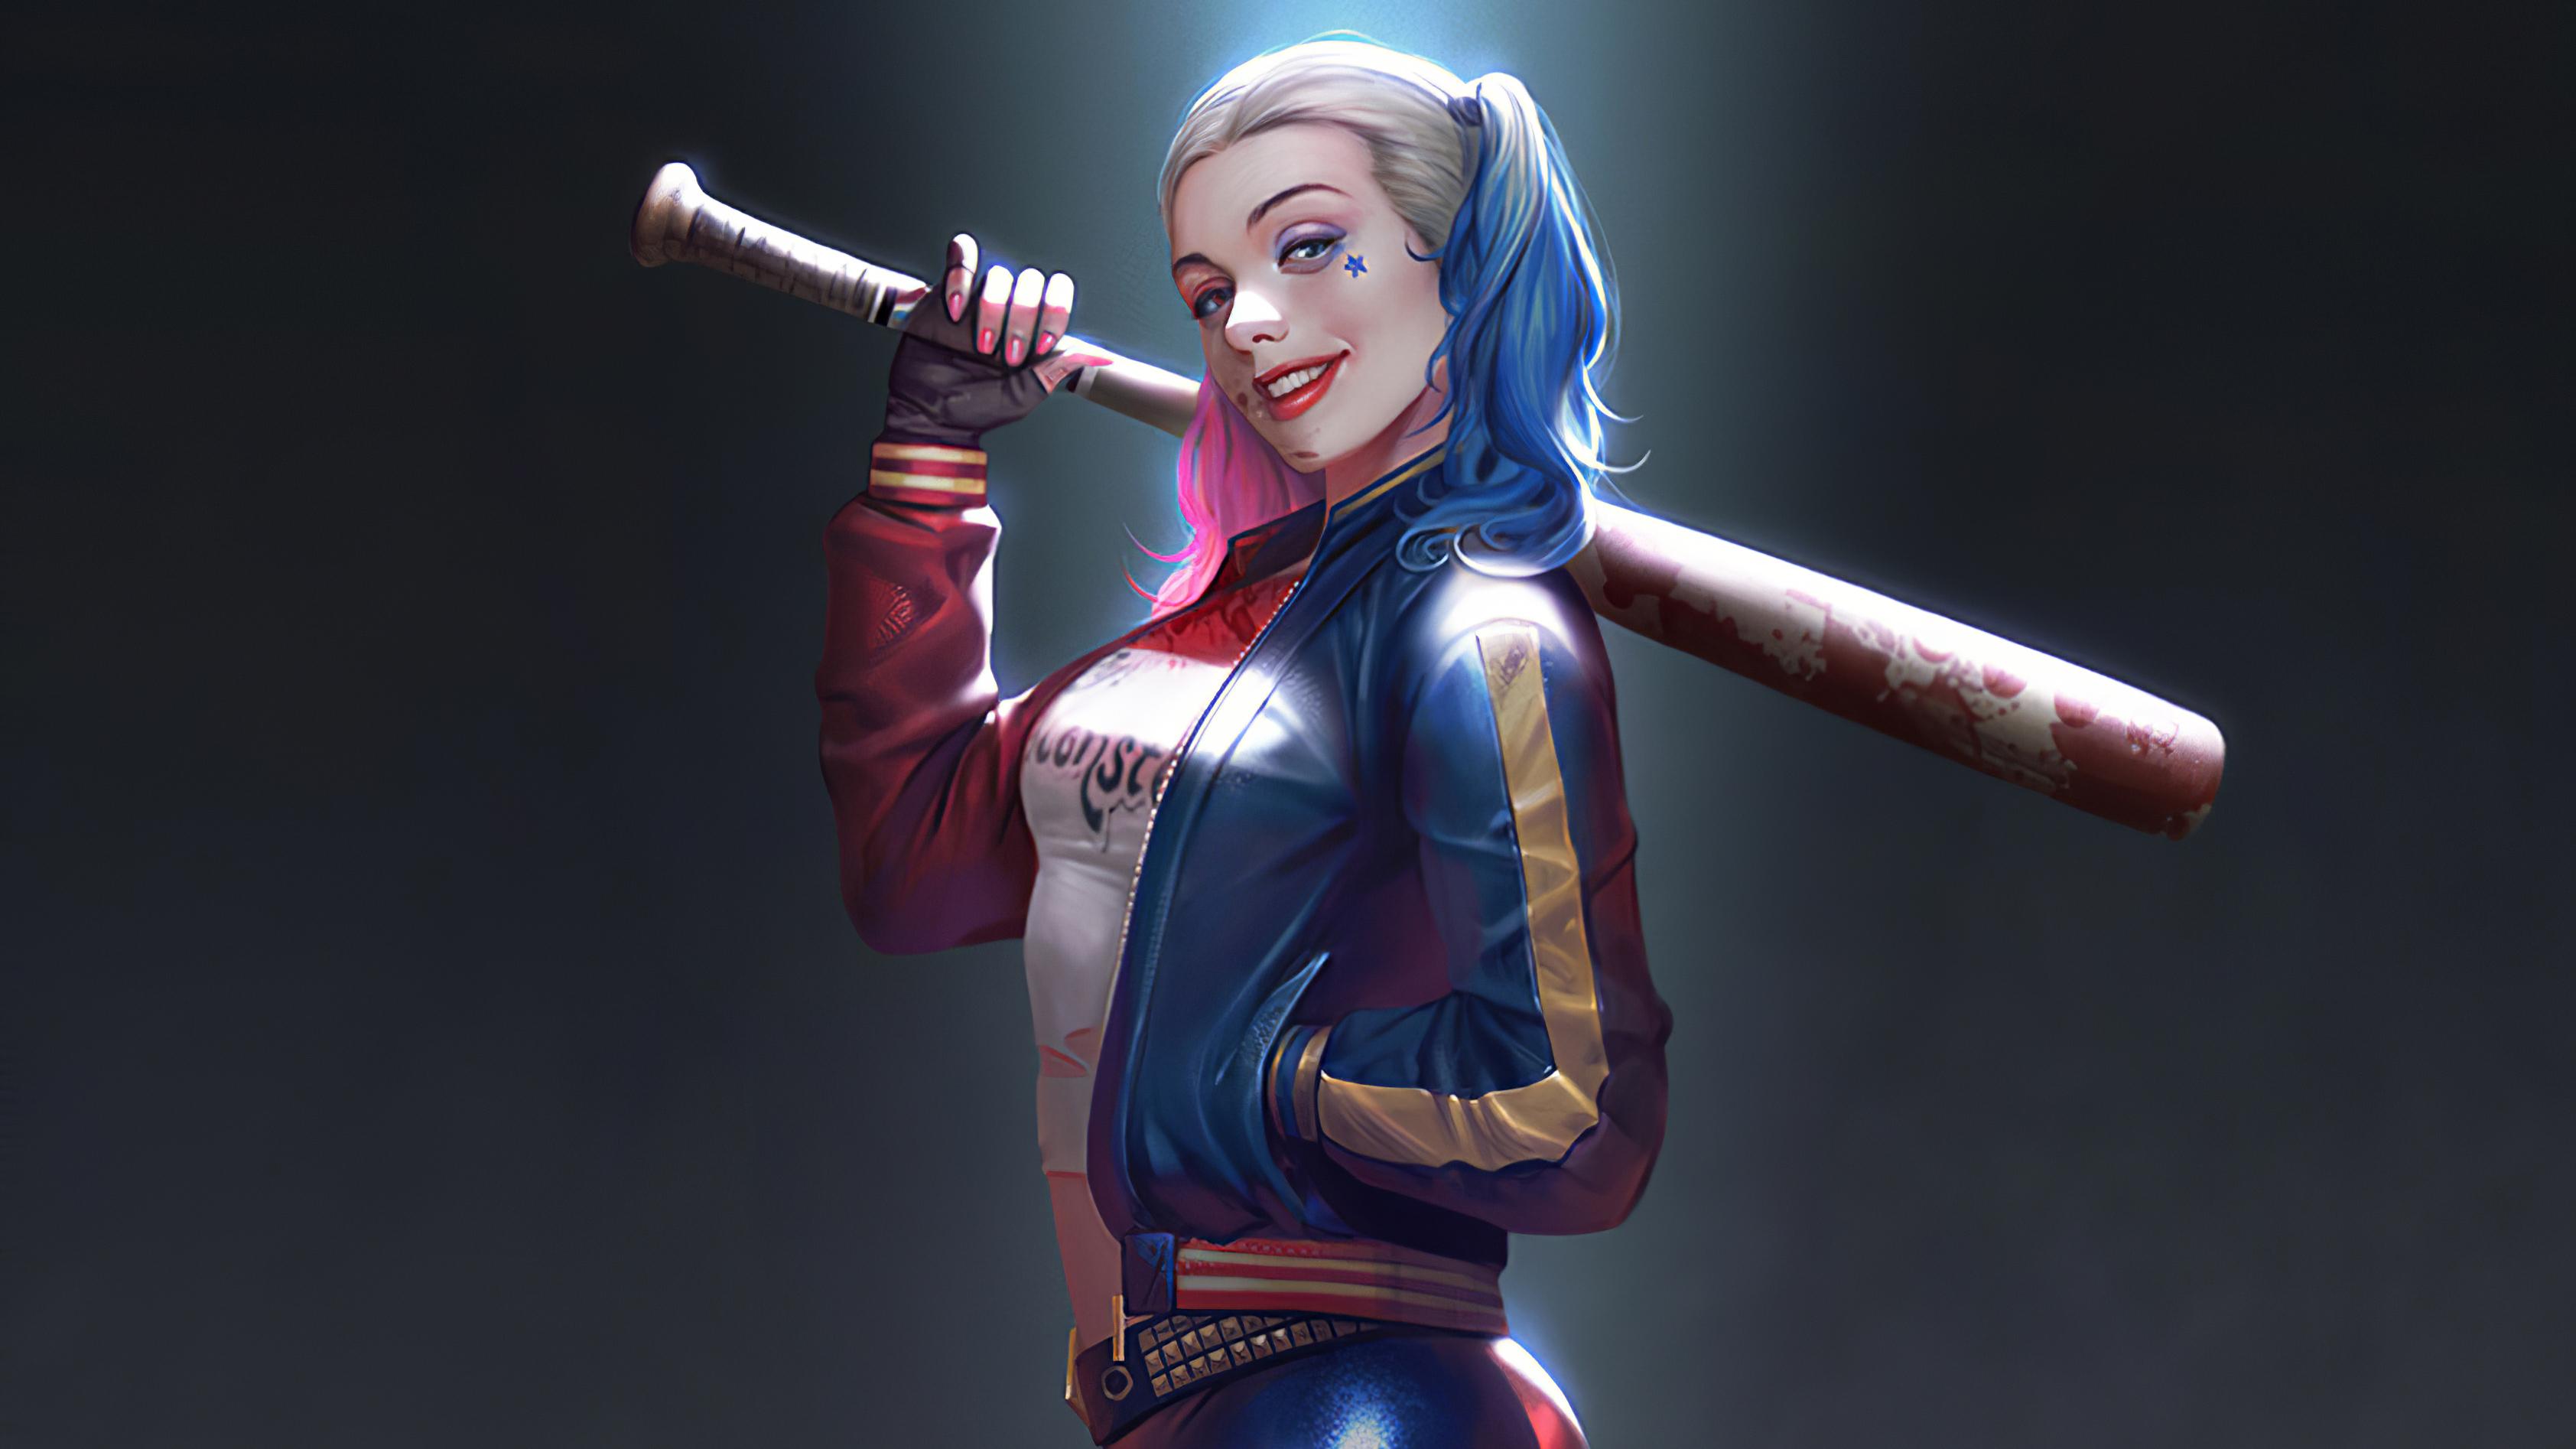 Harley Quinn Cute Smile Wallpaper, HD Superheroes 4K ...